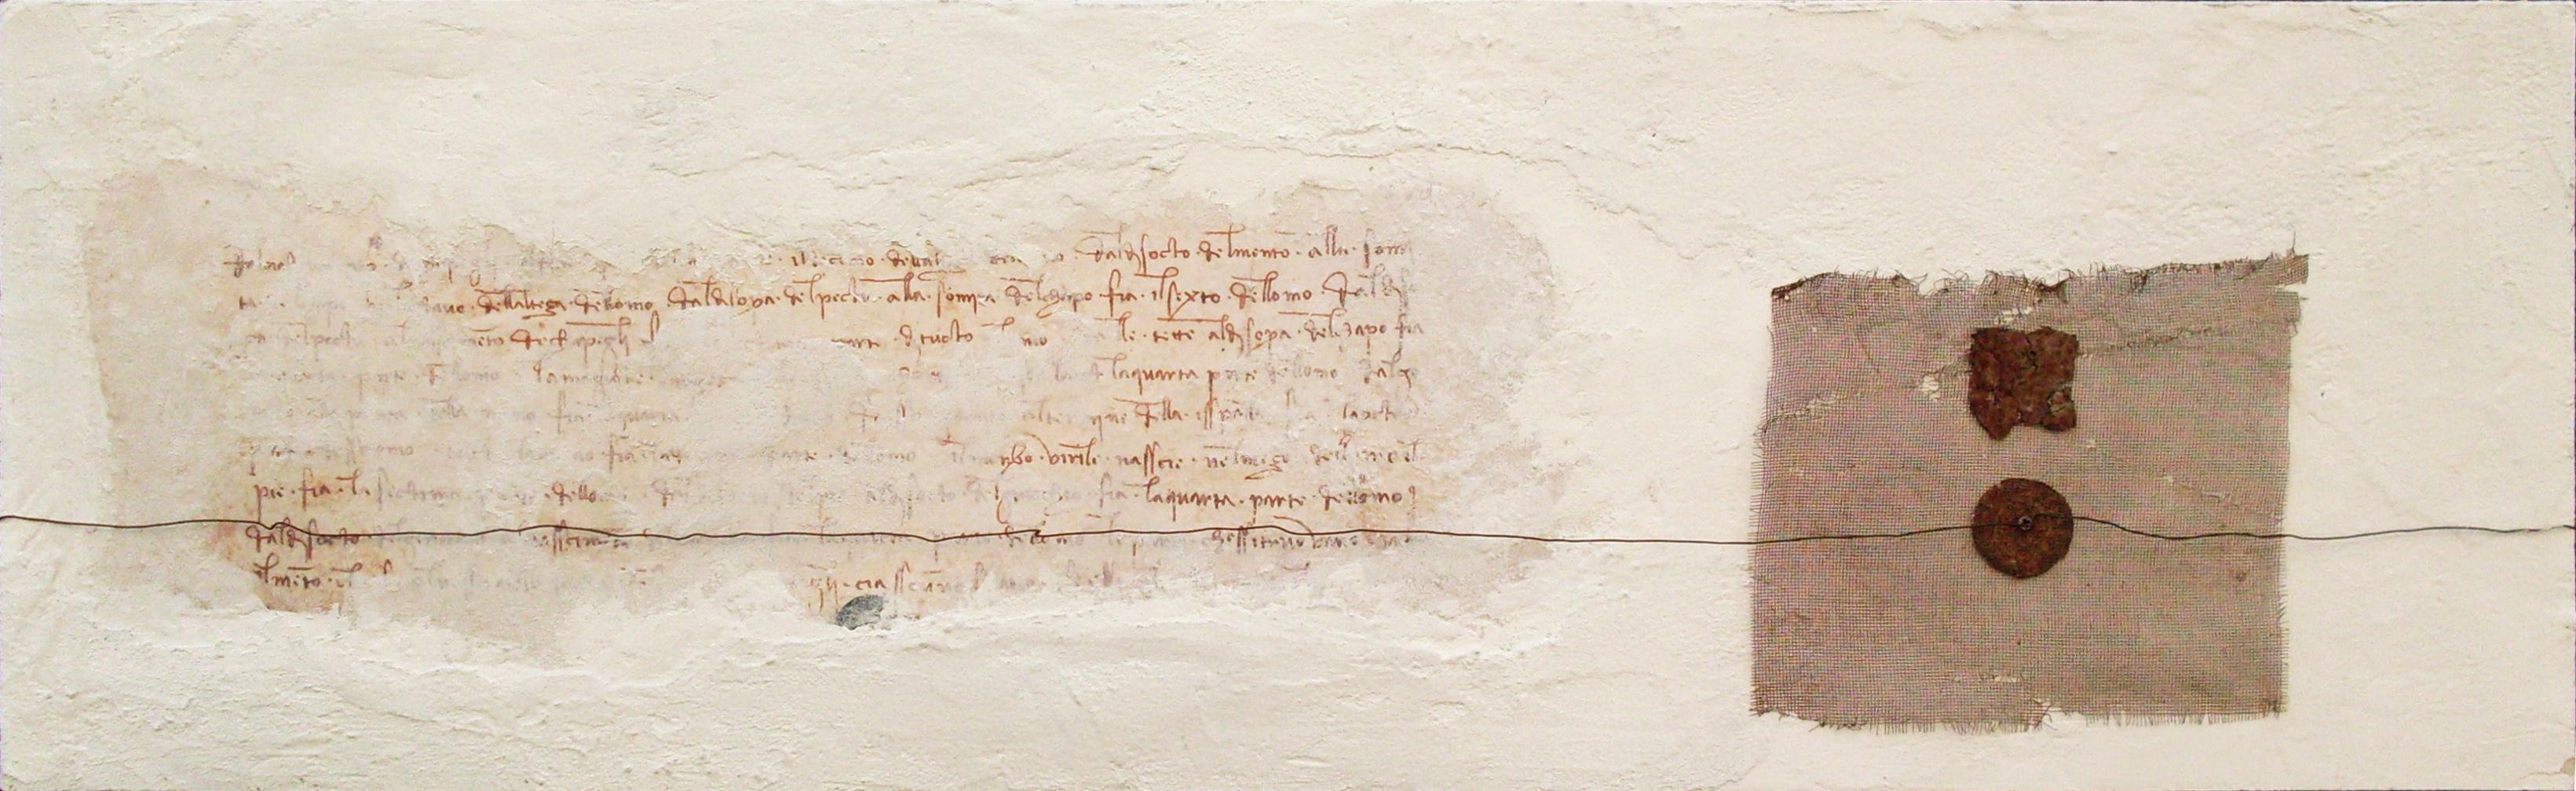 Dialoghi, tecnica mista con ferro e carta su tavola, 115x36, 2011